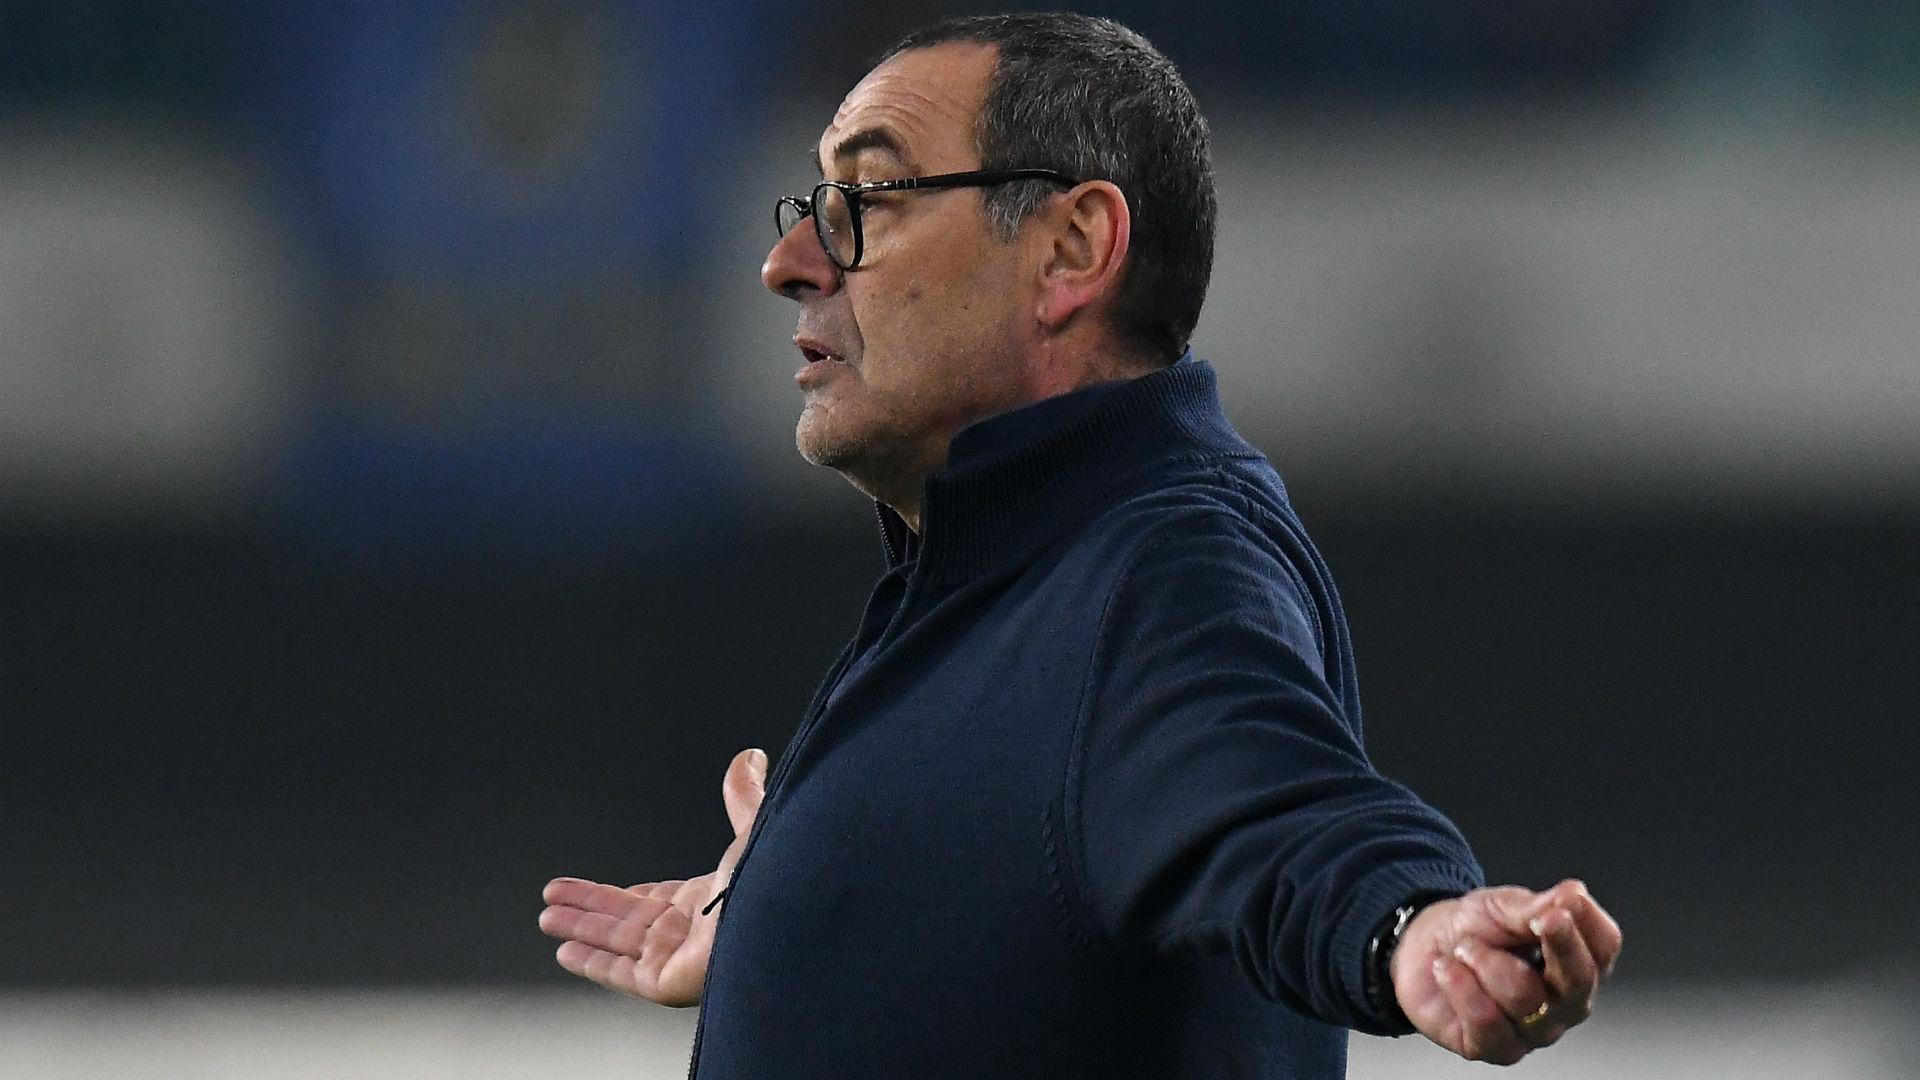 Sarri bemoans 'total blackout' as Juve collapse against Milan